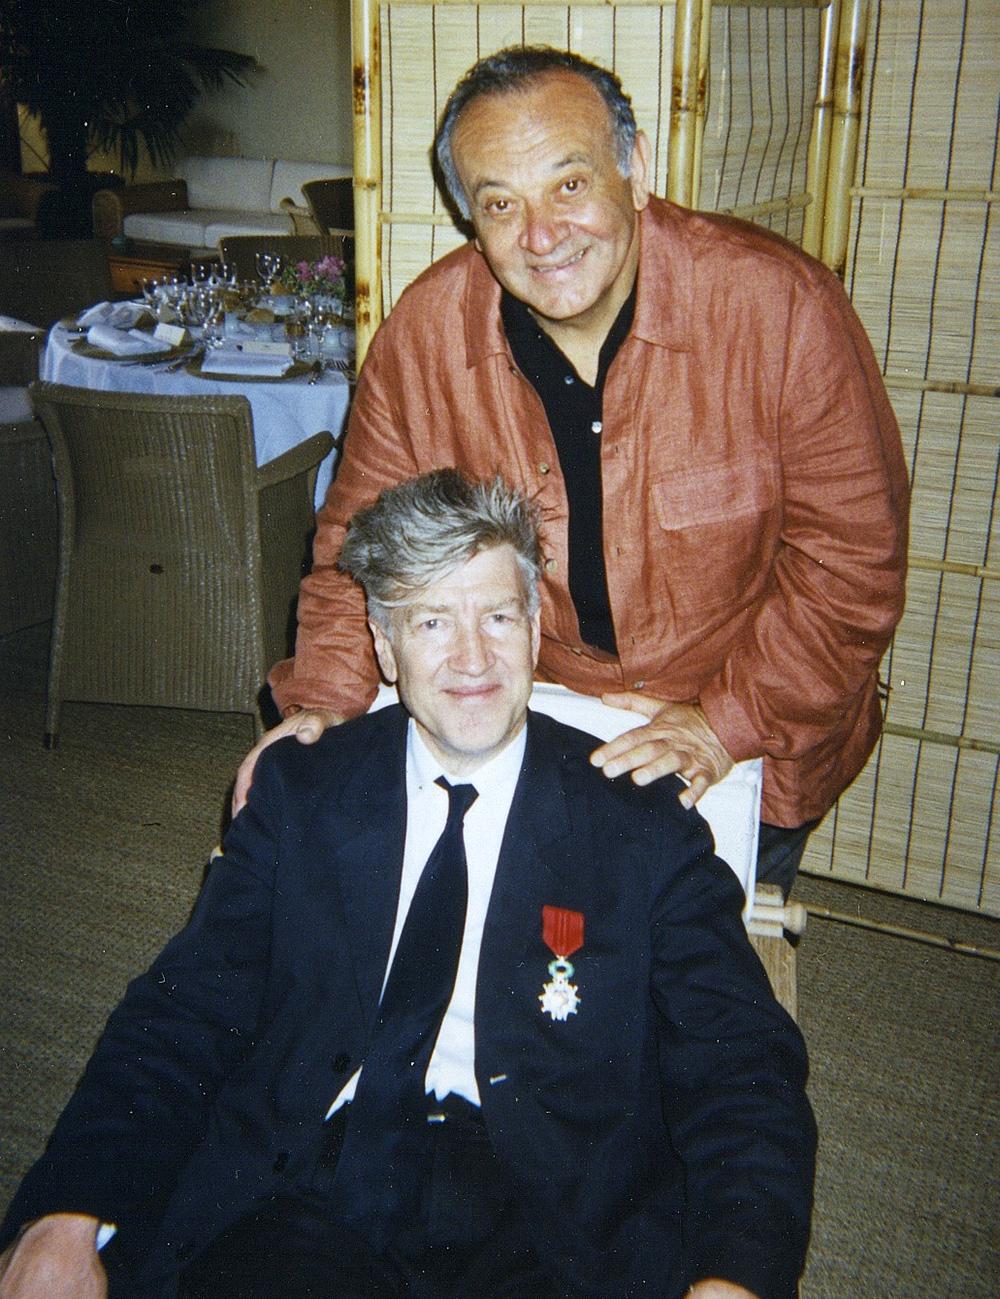 Fig. 6: Lynch med komponisten Badalamenti, der er interviewet til bogen. (Foto stillet til rådighed af Angelo Badalamenti).